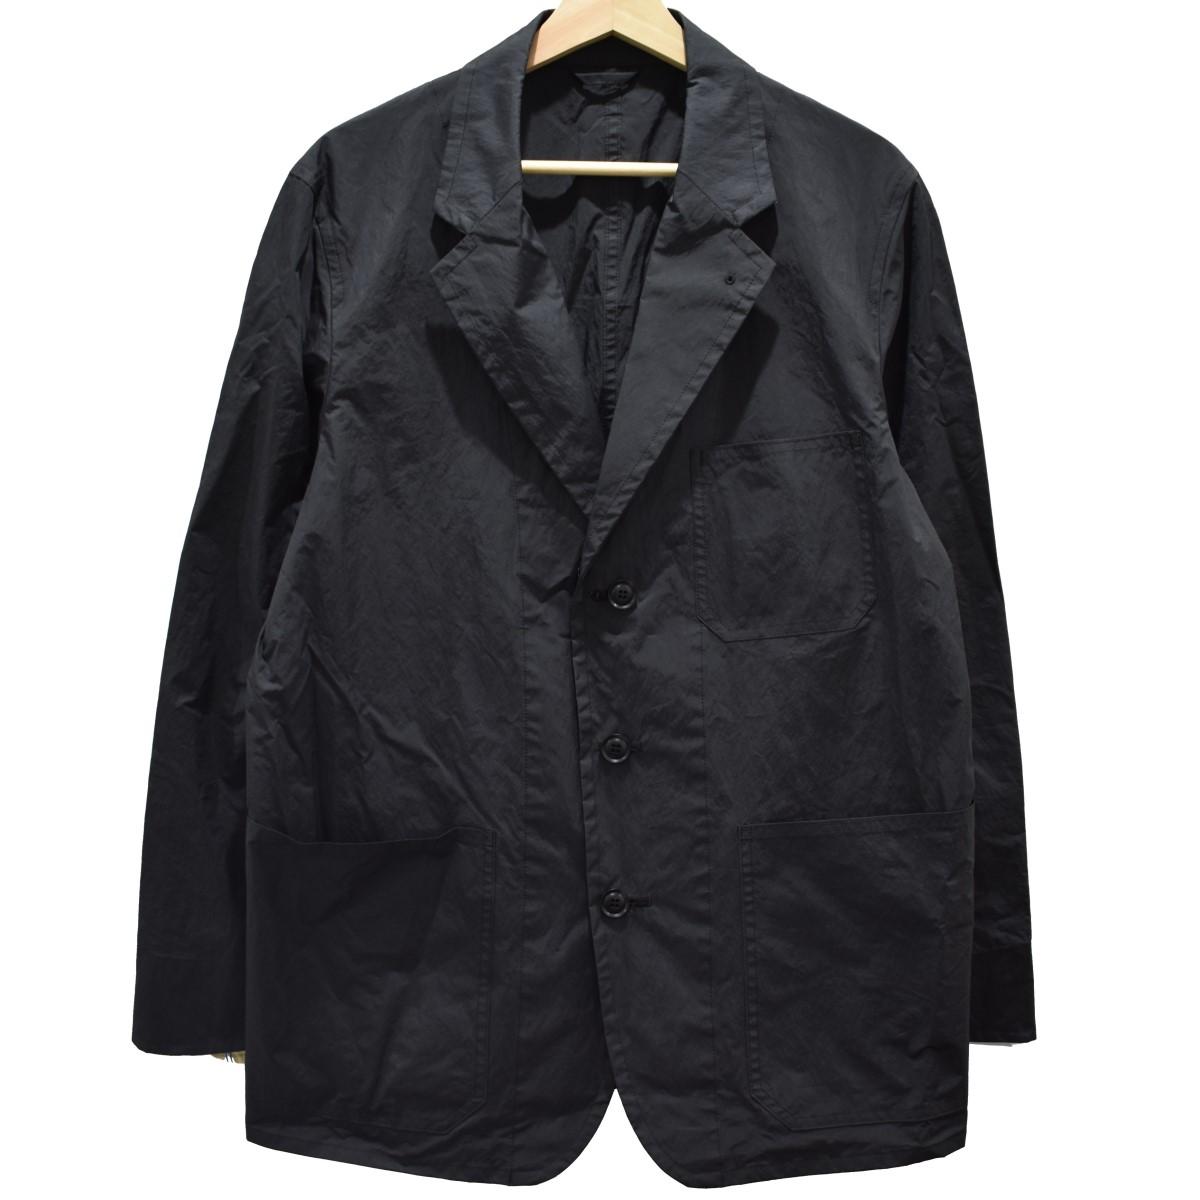 【中古】SOPHNET. 19SS 3Bジャケット ブラック サイズ:Xl 【200320】(ソフネット)